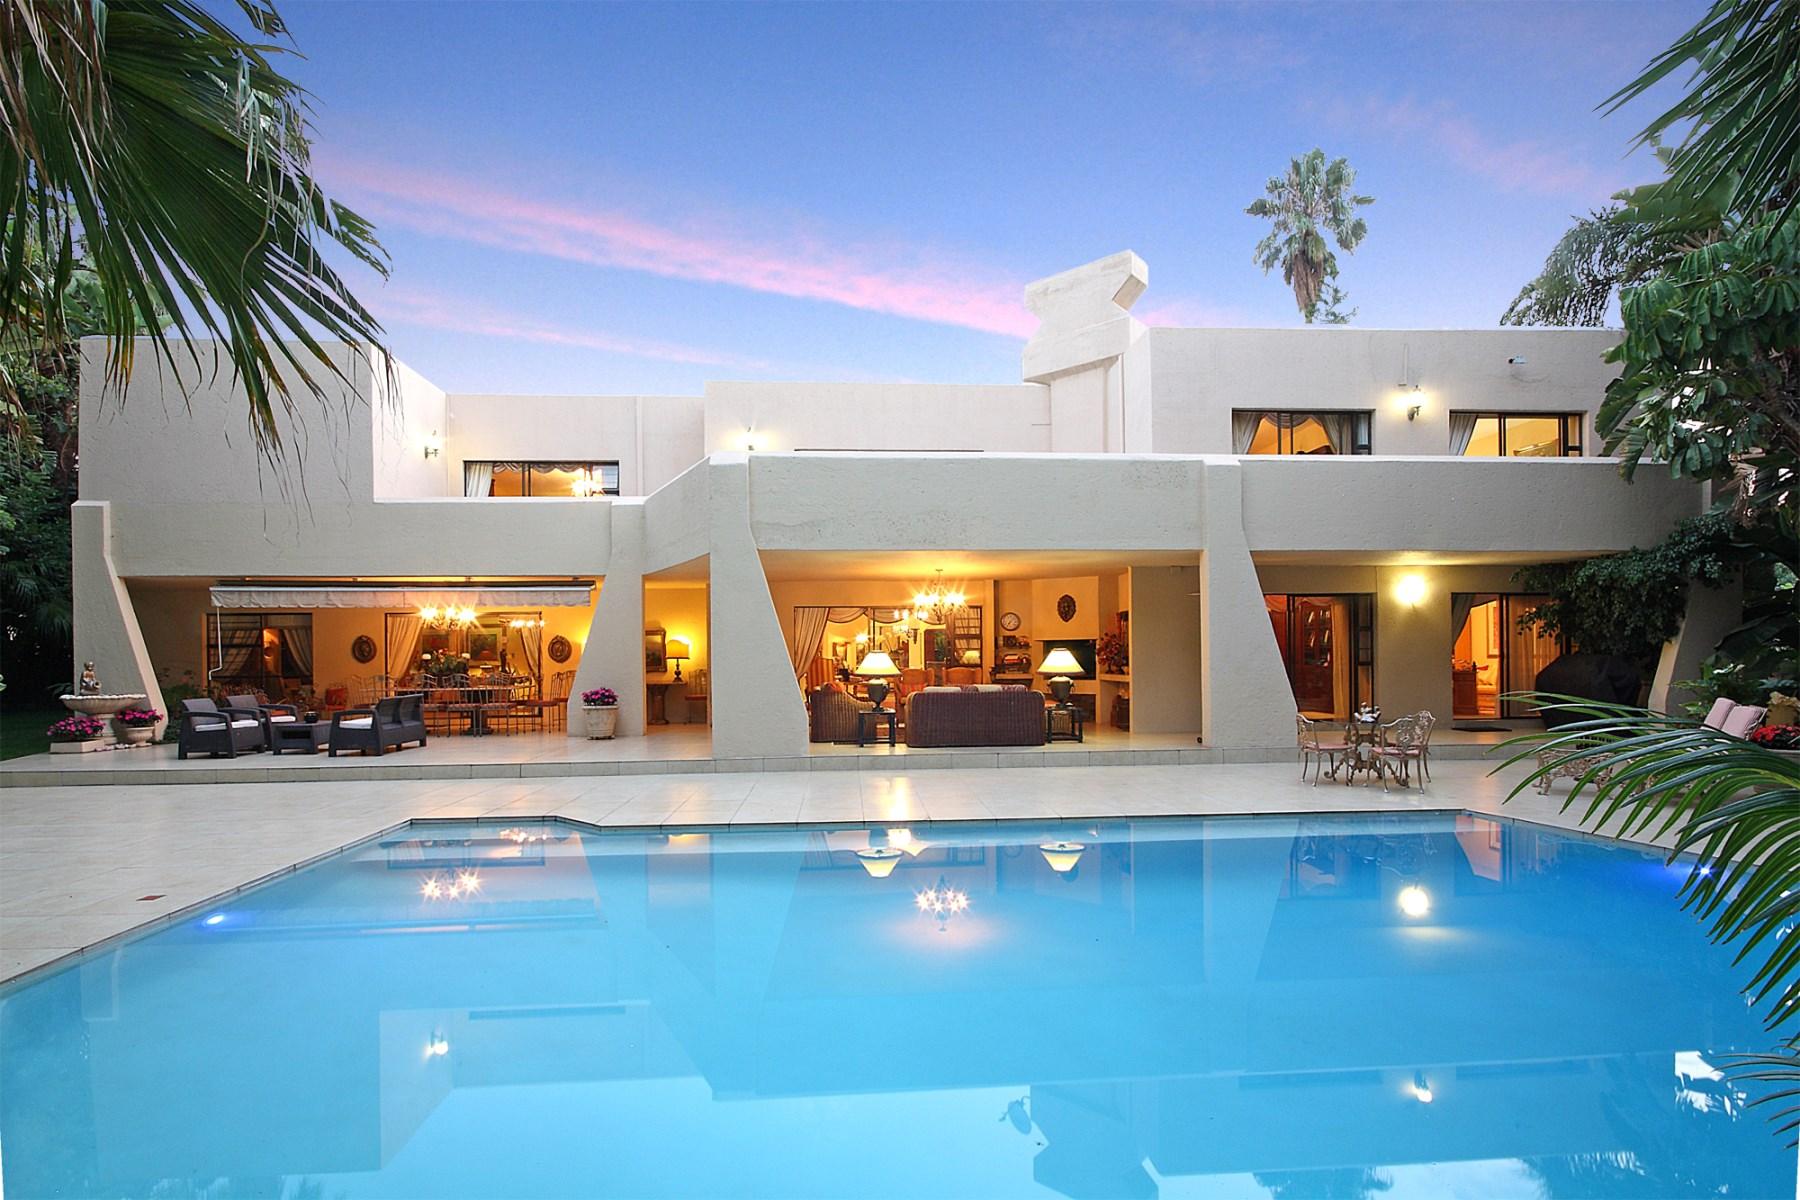 Single Family Home for Sale at Sandhurst Johannesburg, Gauteng, 2094 South Africa